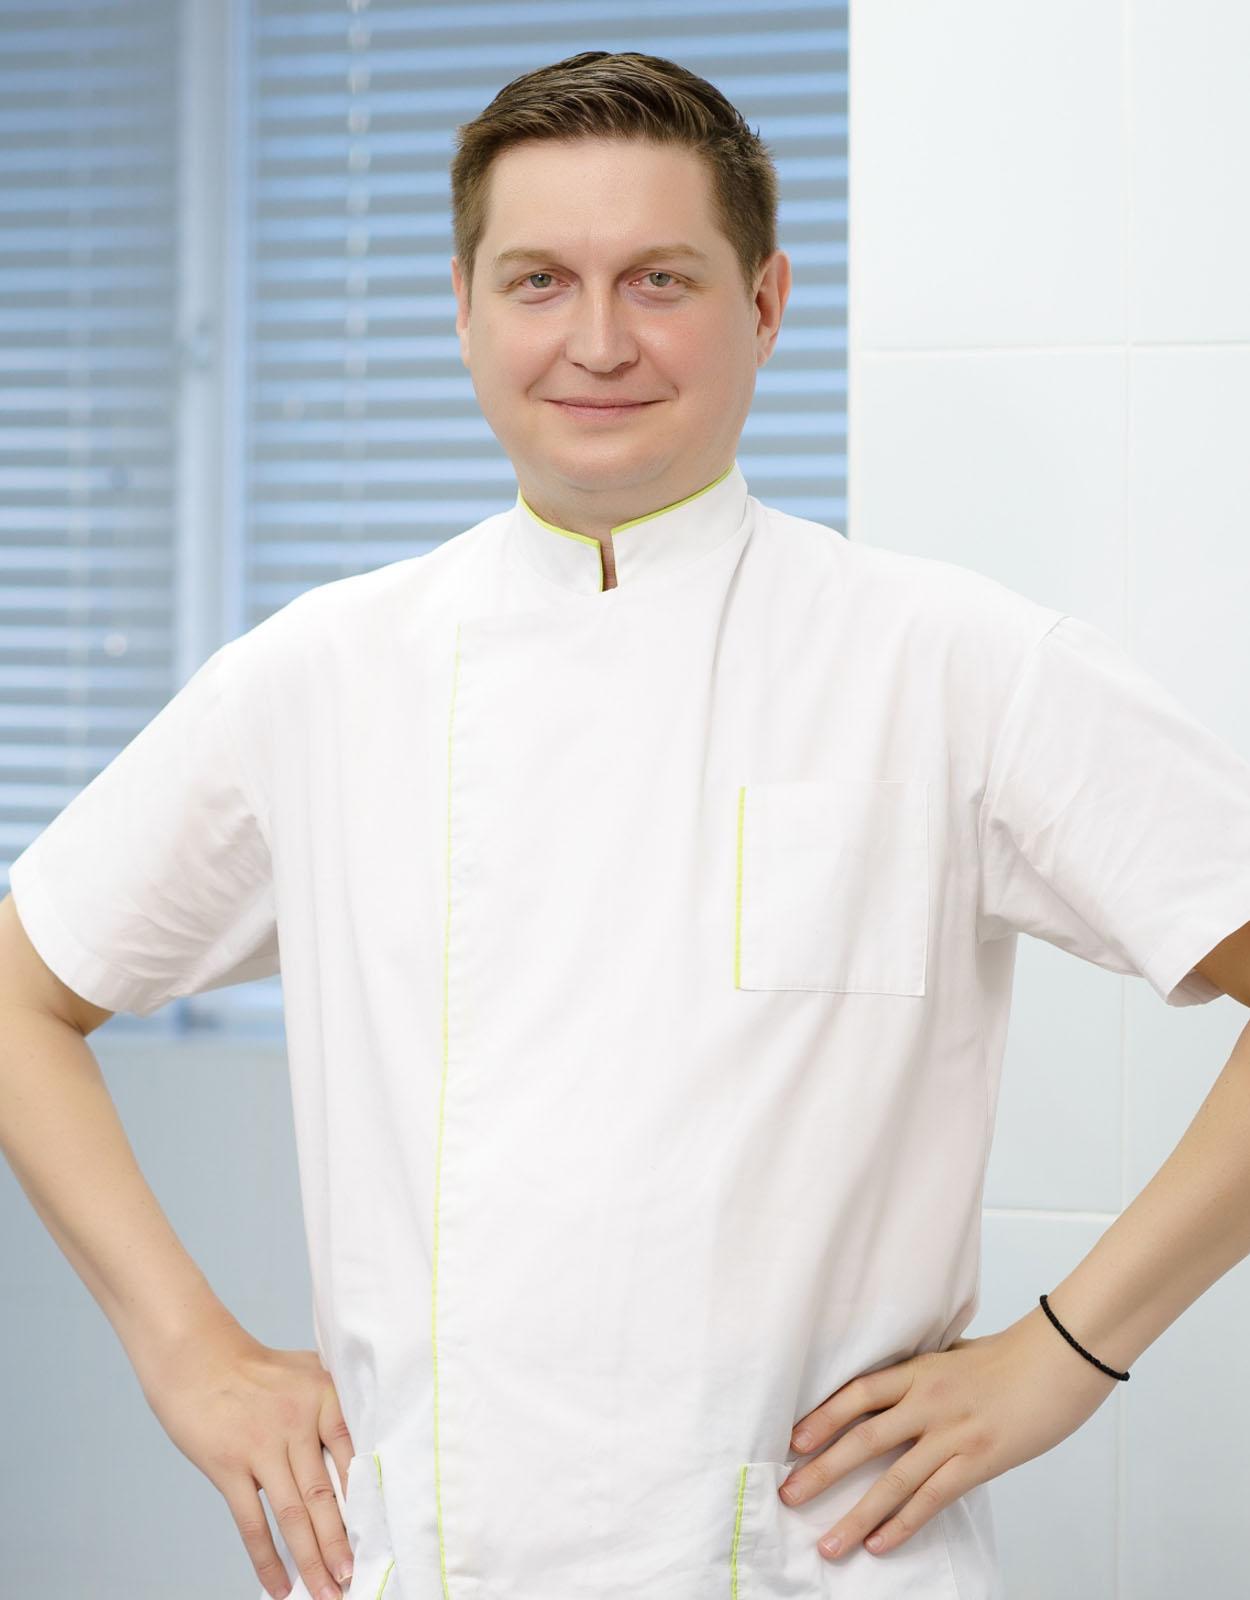 Иванов Станислав Викторович : Врач-ортодонт, врач-стоматолог-ортопед - стаж работы более 16 лет